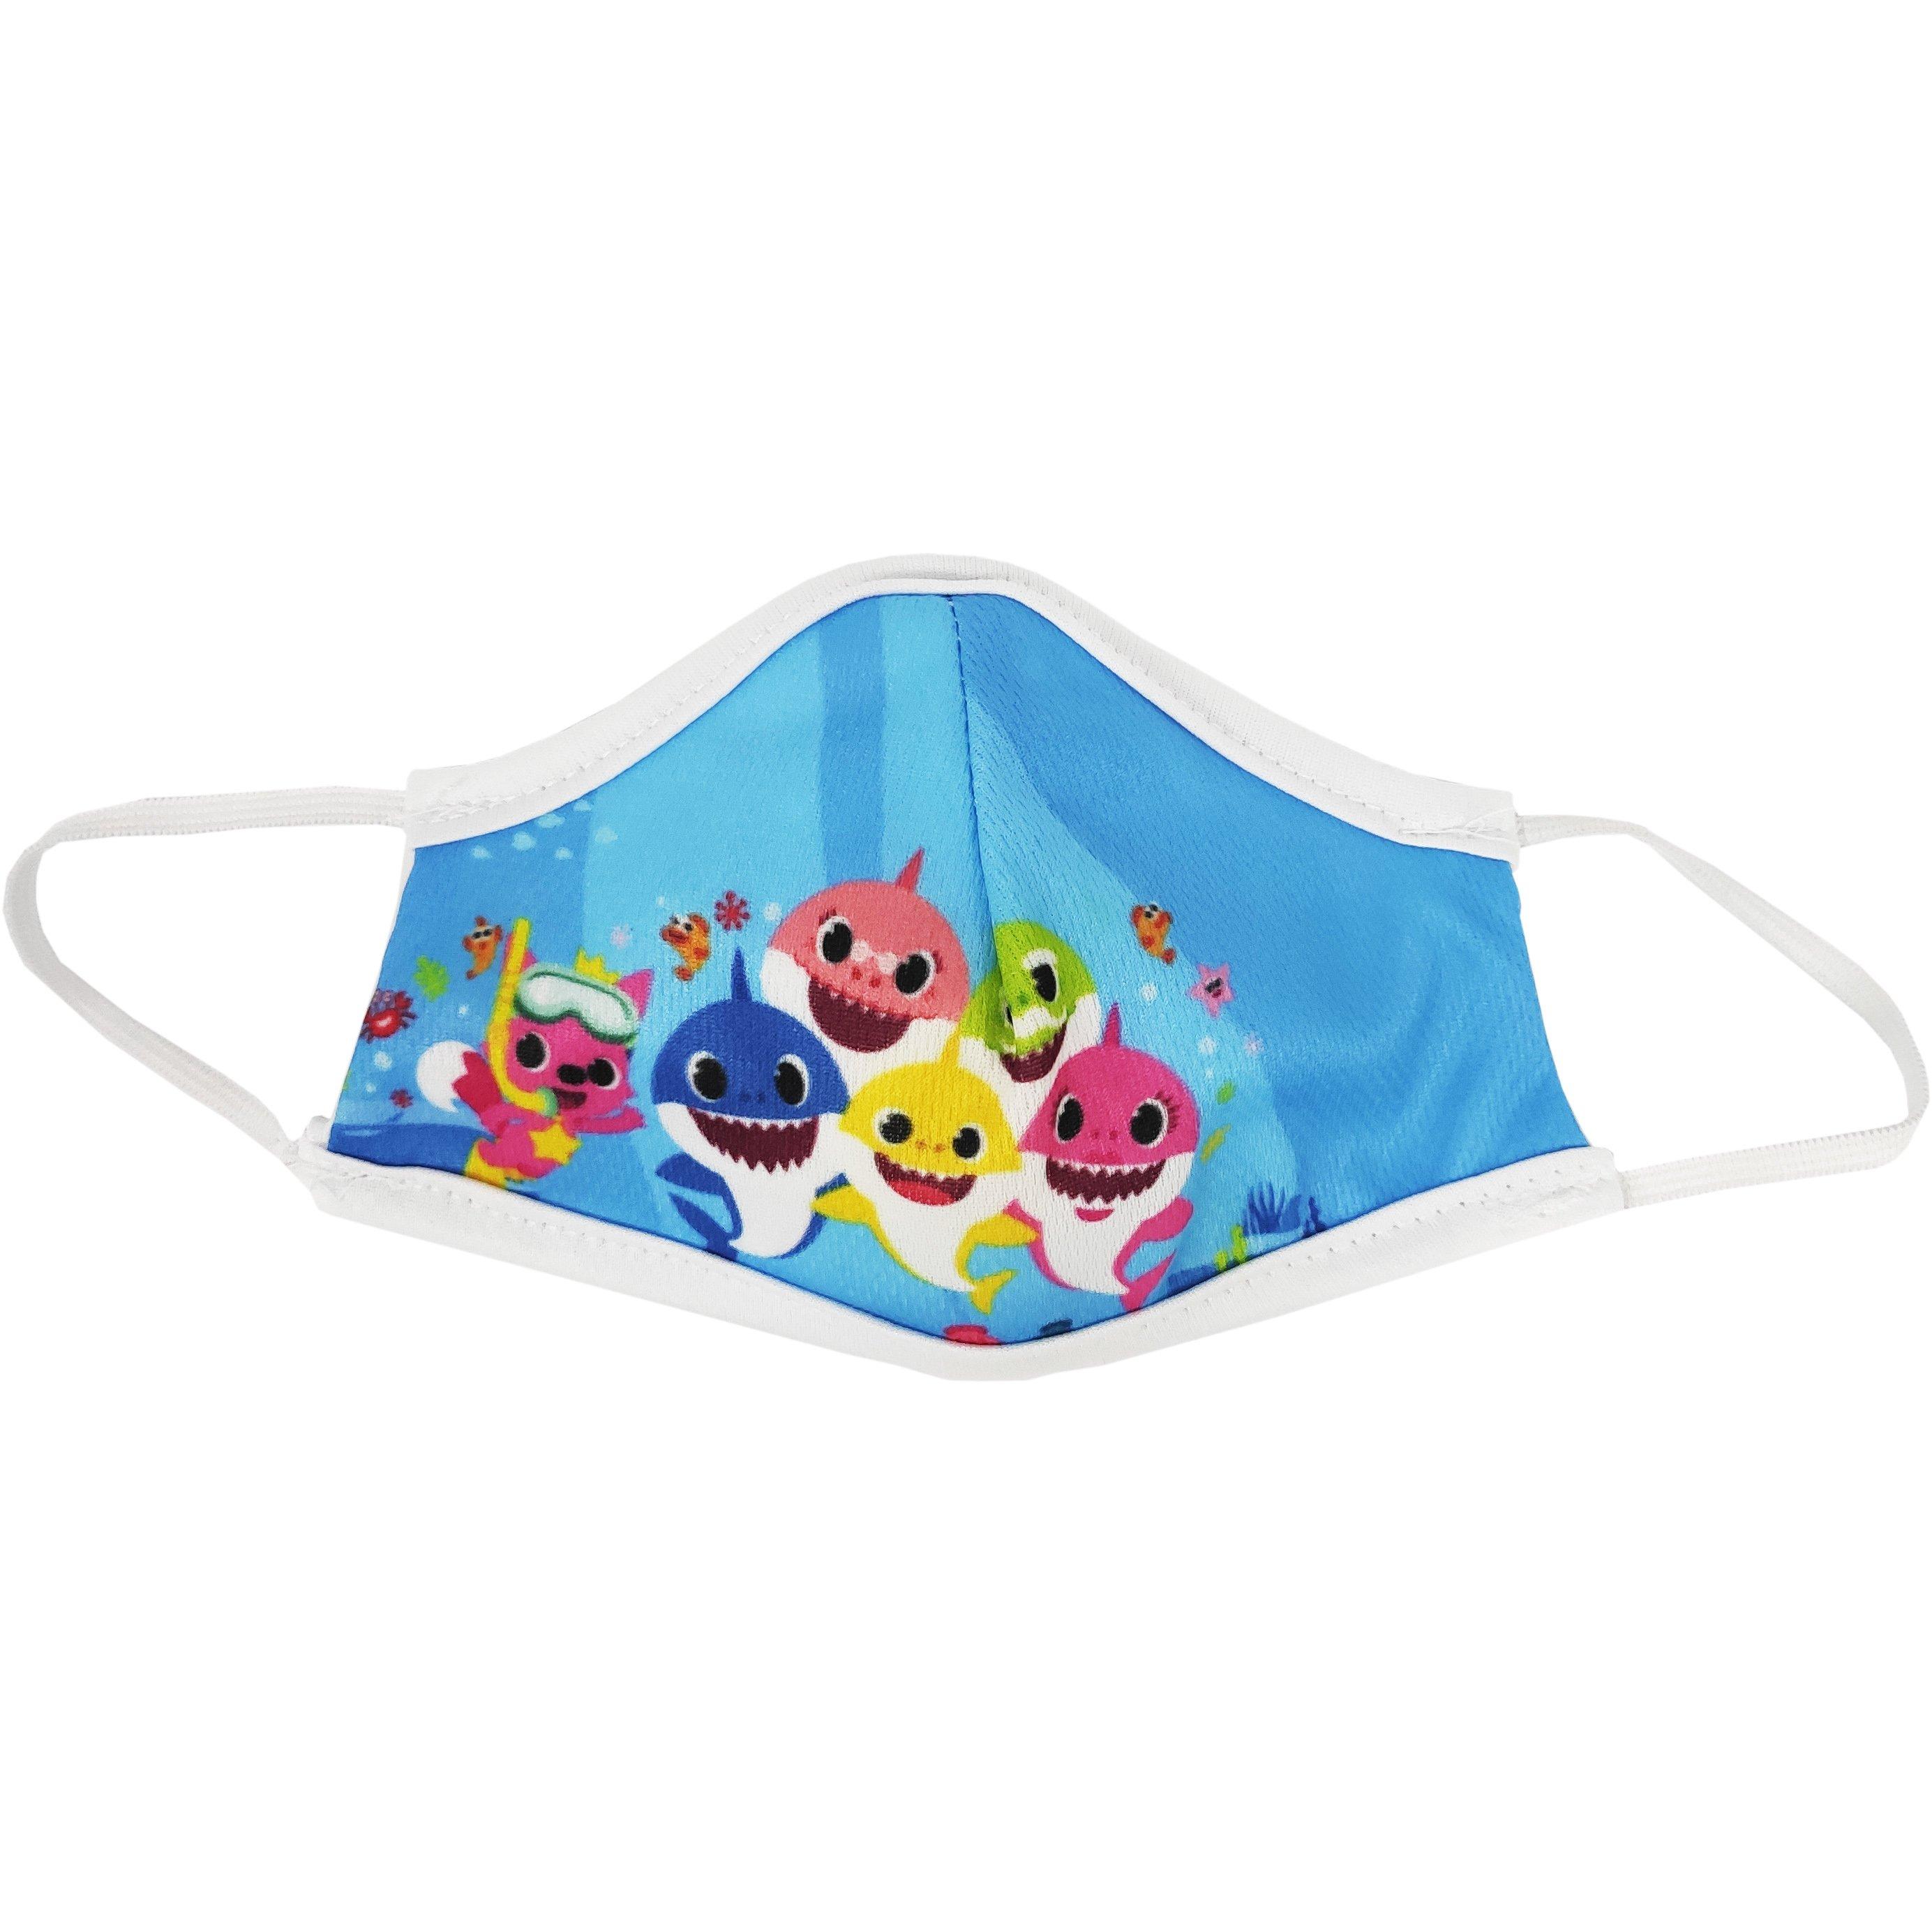 Μάσκα Προστασίας Προσώπου Υφασμάτινη Πολλαπλών Χρήσεων για Παιδιά 1 Τεμάχιο – Baby Shark